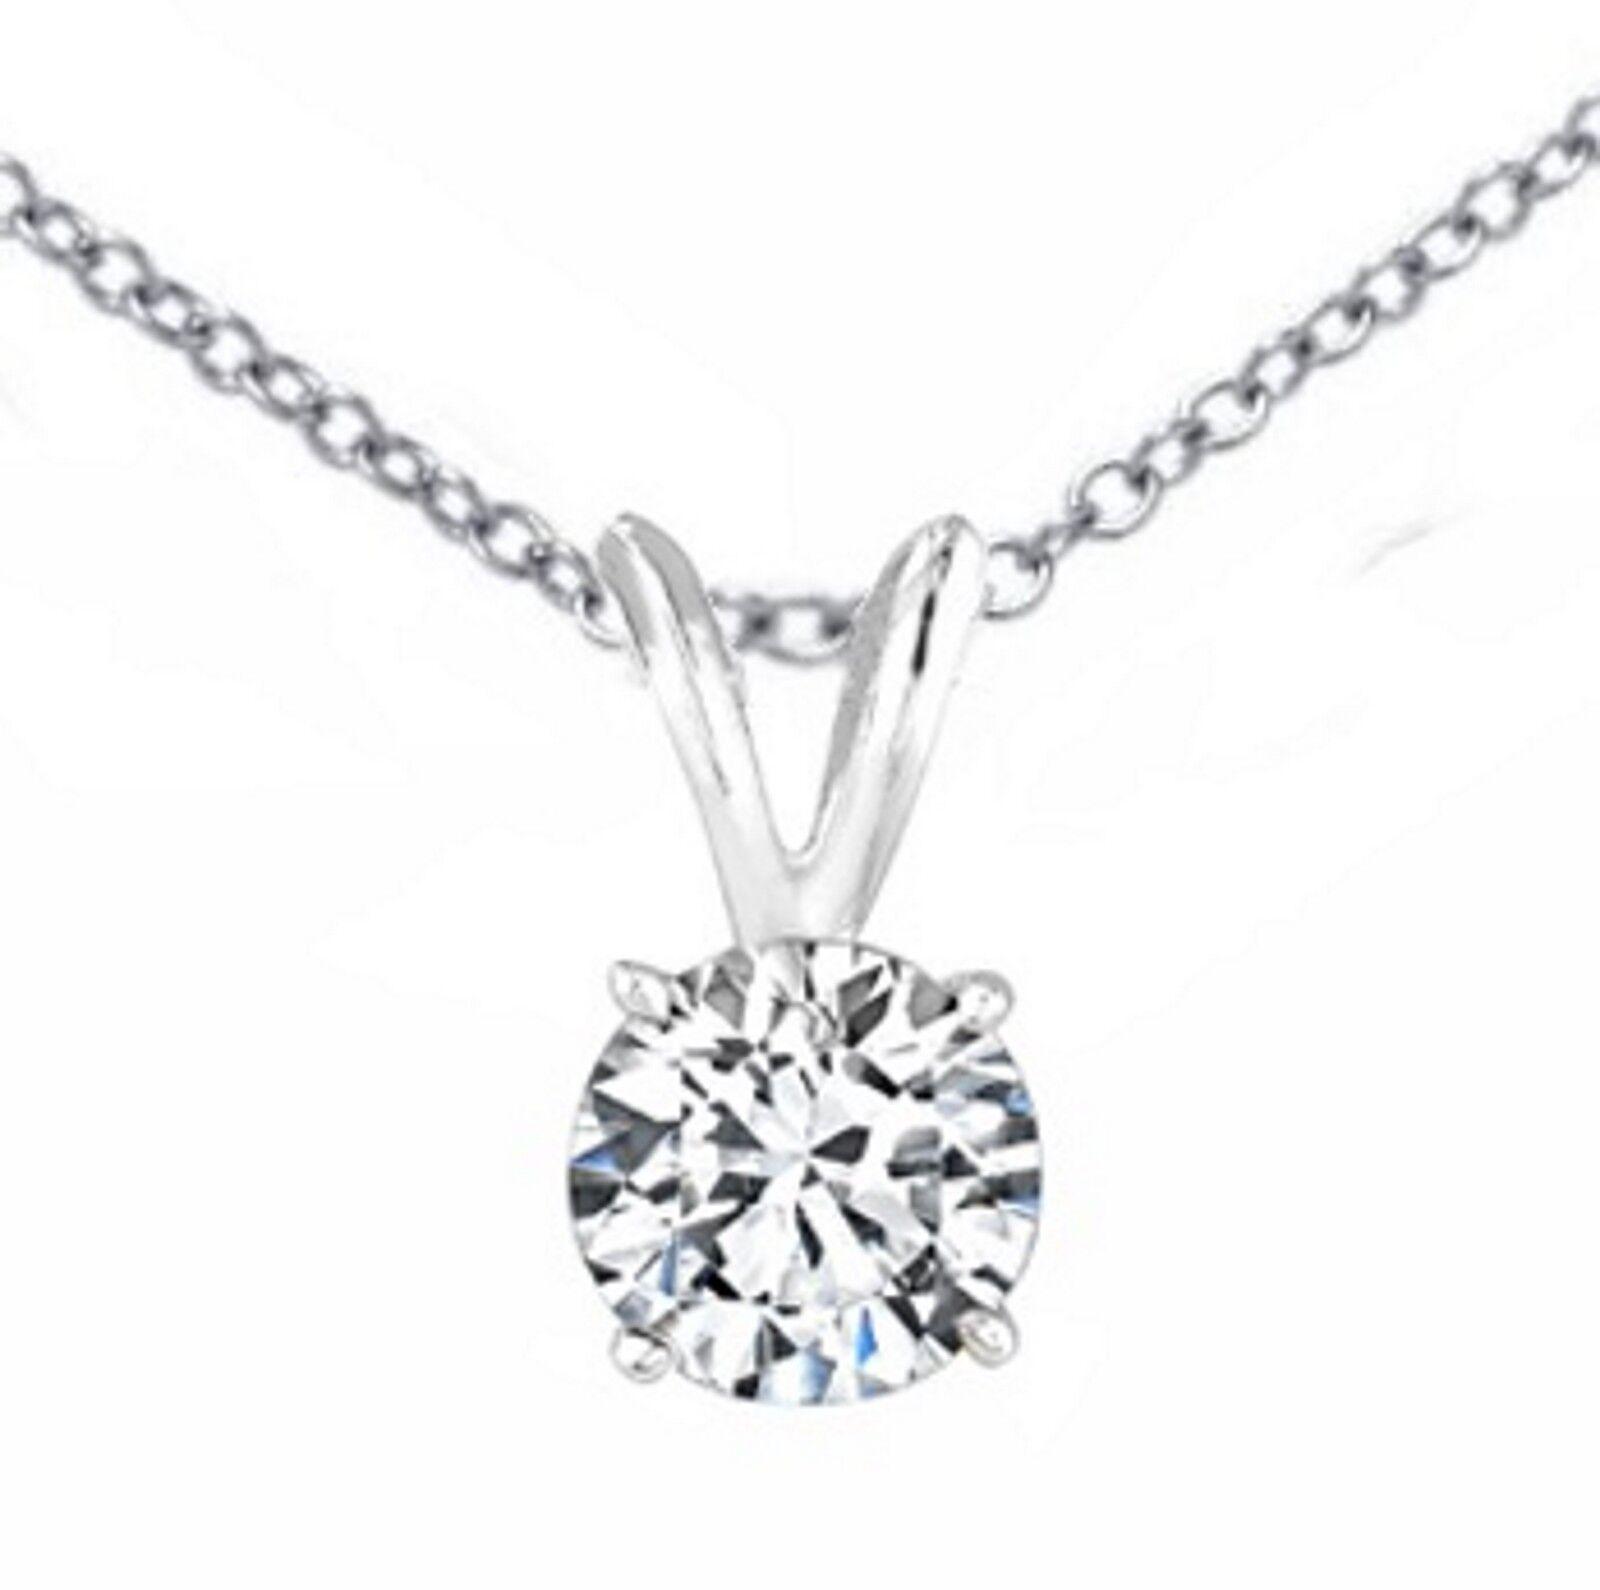 0.25 ct ROUND CUT Solitaire diamond pendant 14k White gold W CHAIN  H I1 18